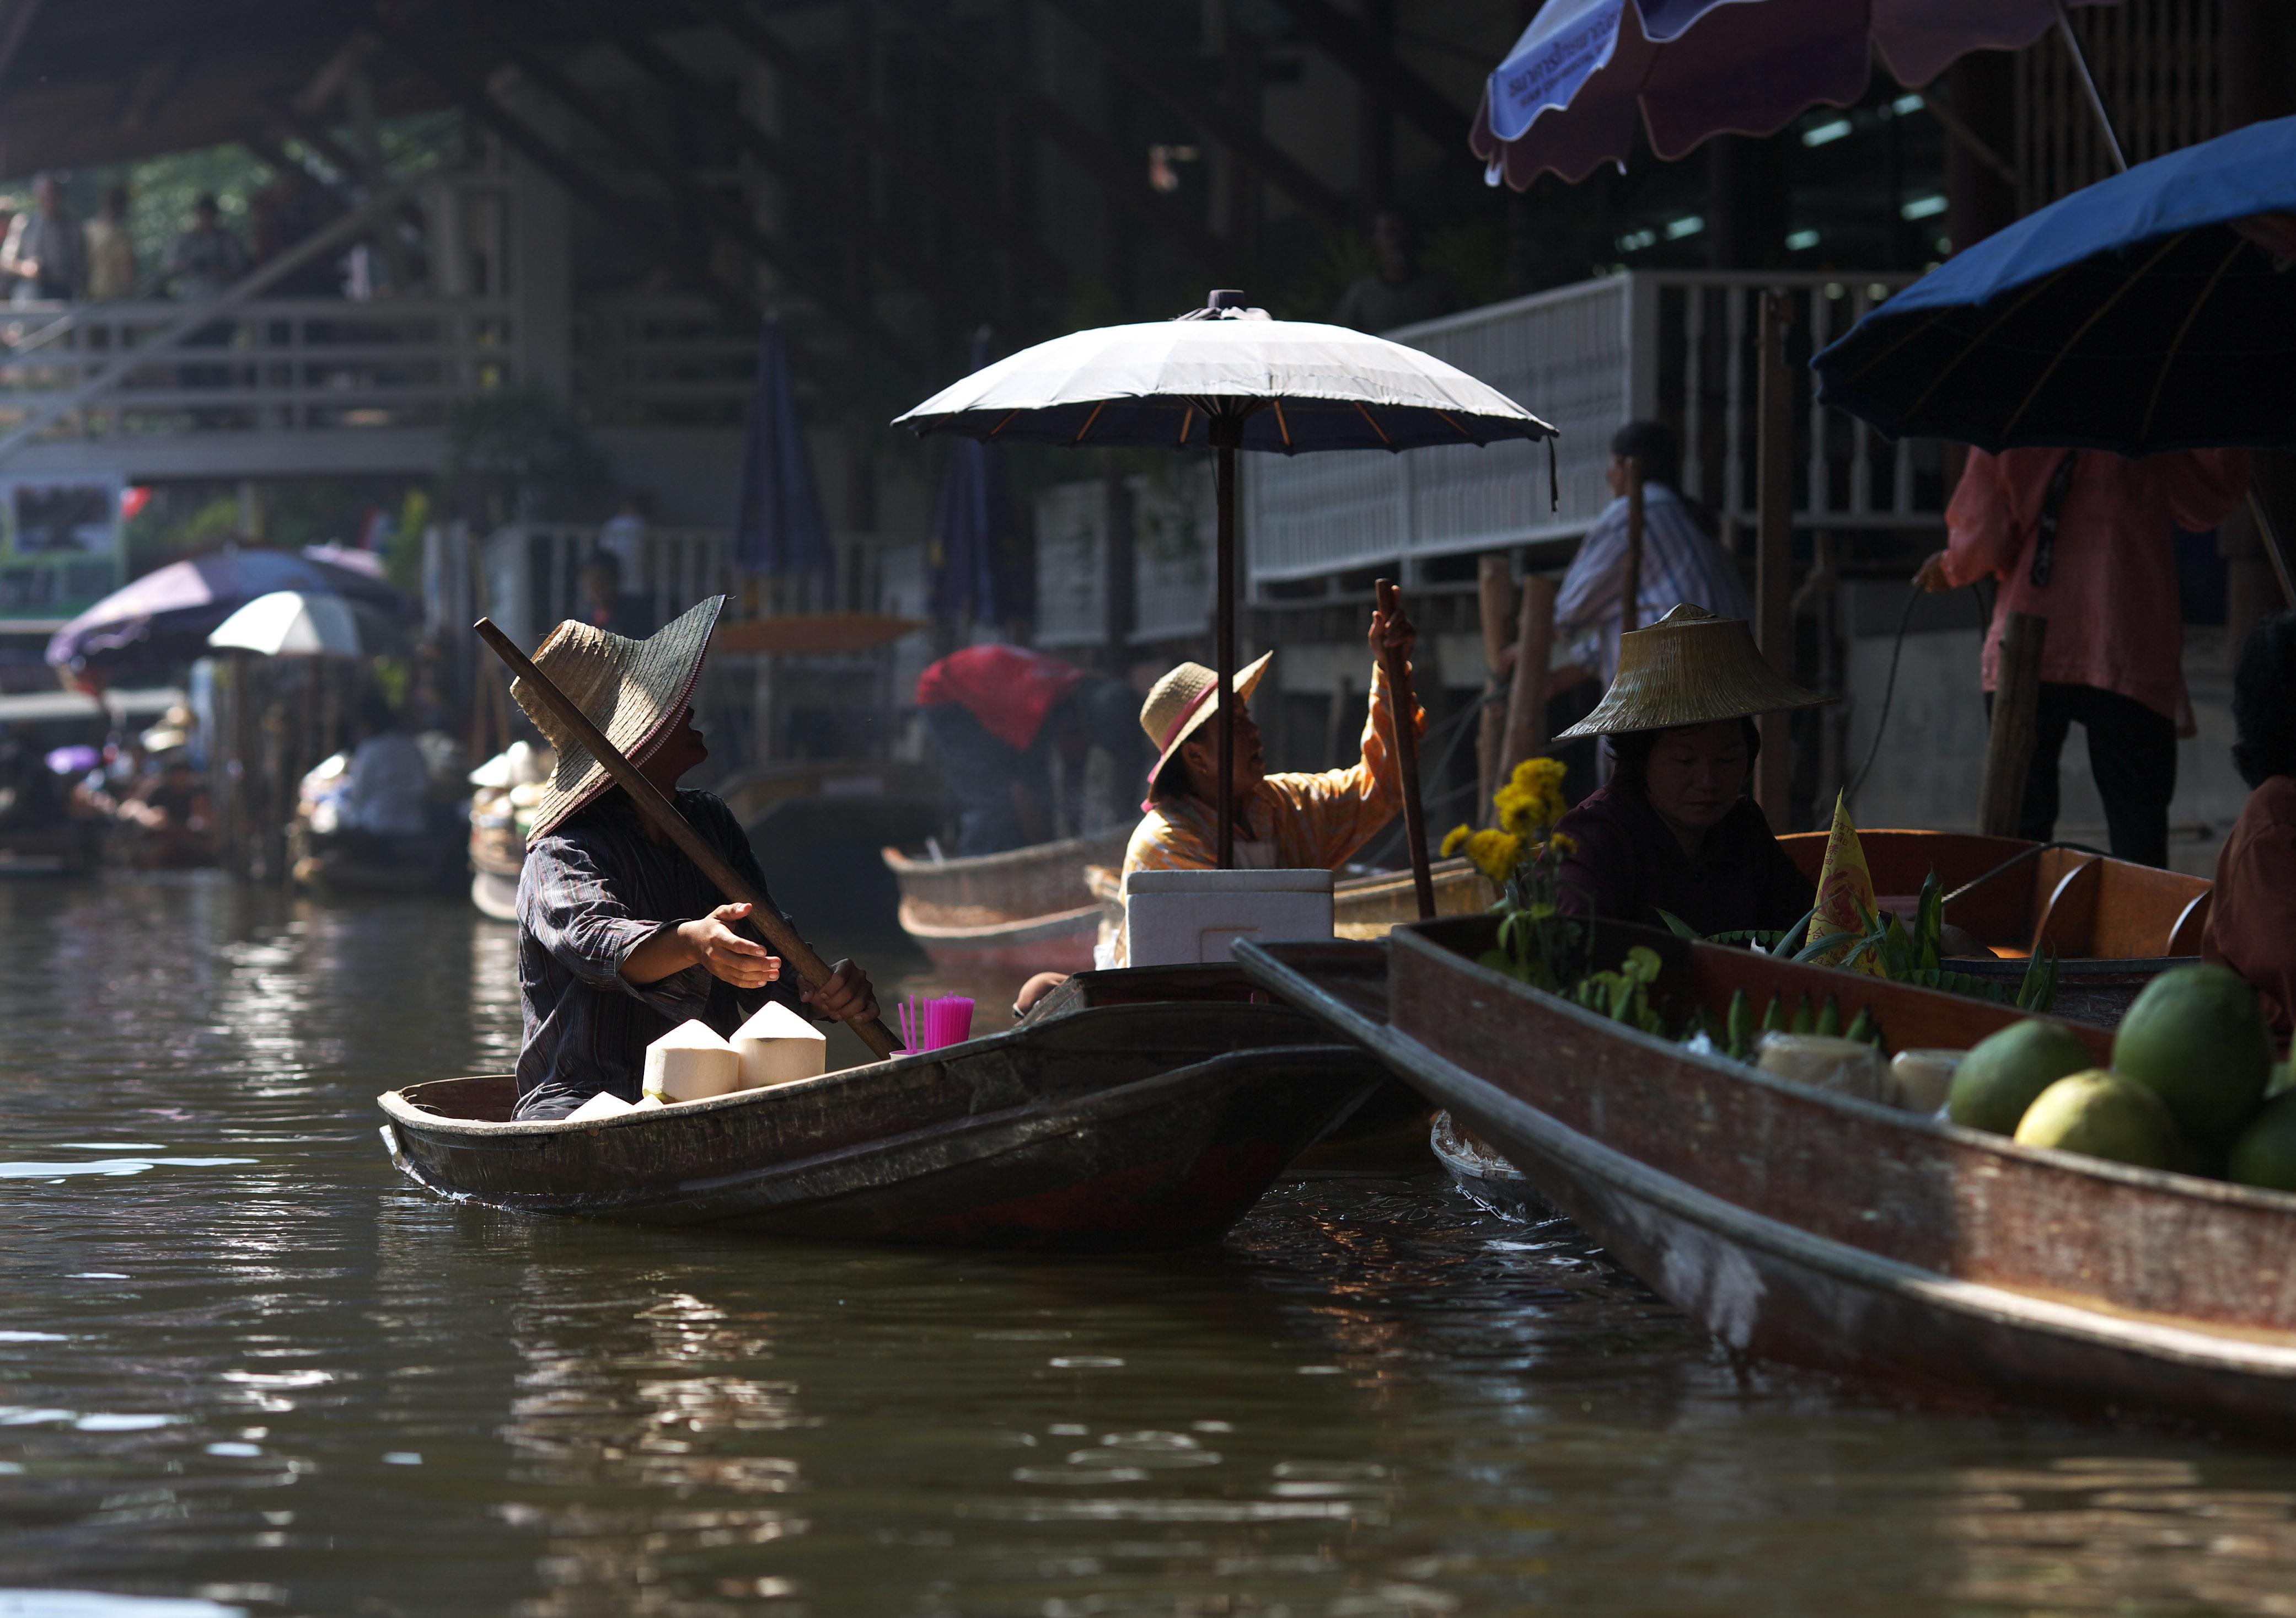 fotografia, materiale, libero il panorama, dipinga, fotografia di scorta,Cocco che vende di mercato di acqua, mercato, Comprando e vendendo, barca,